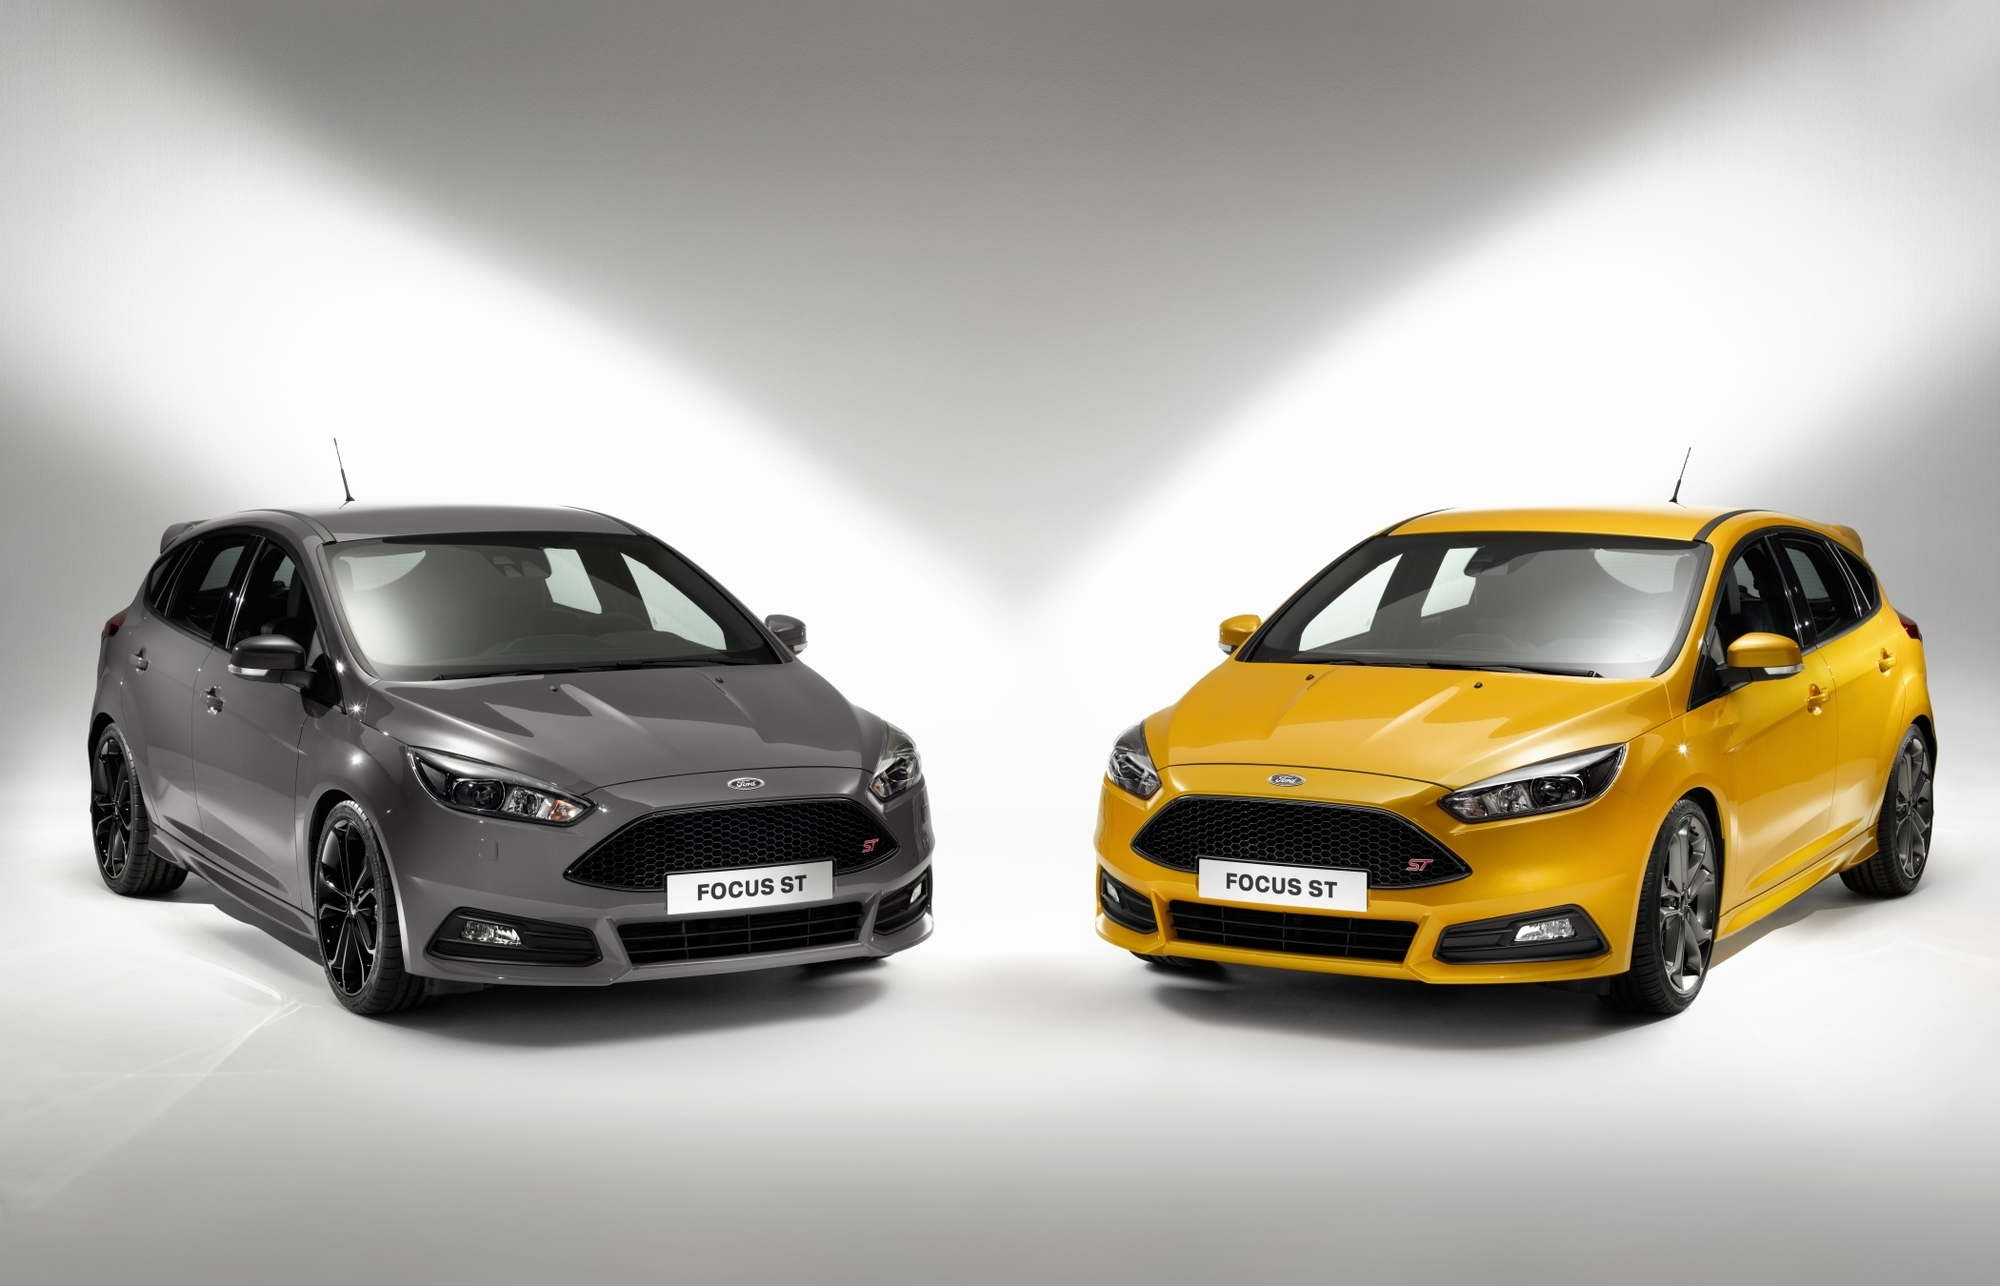 Ford Focus ST Diesel - Preis und Leistung wie in Wolfsburg